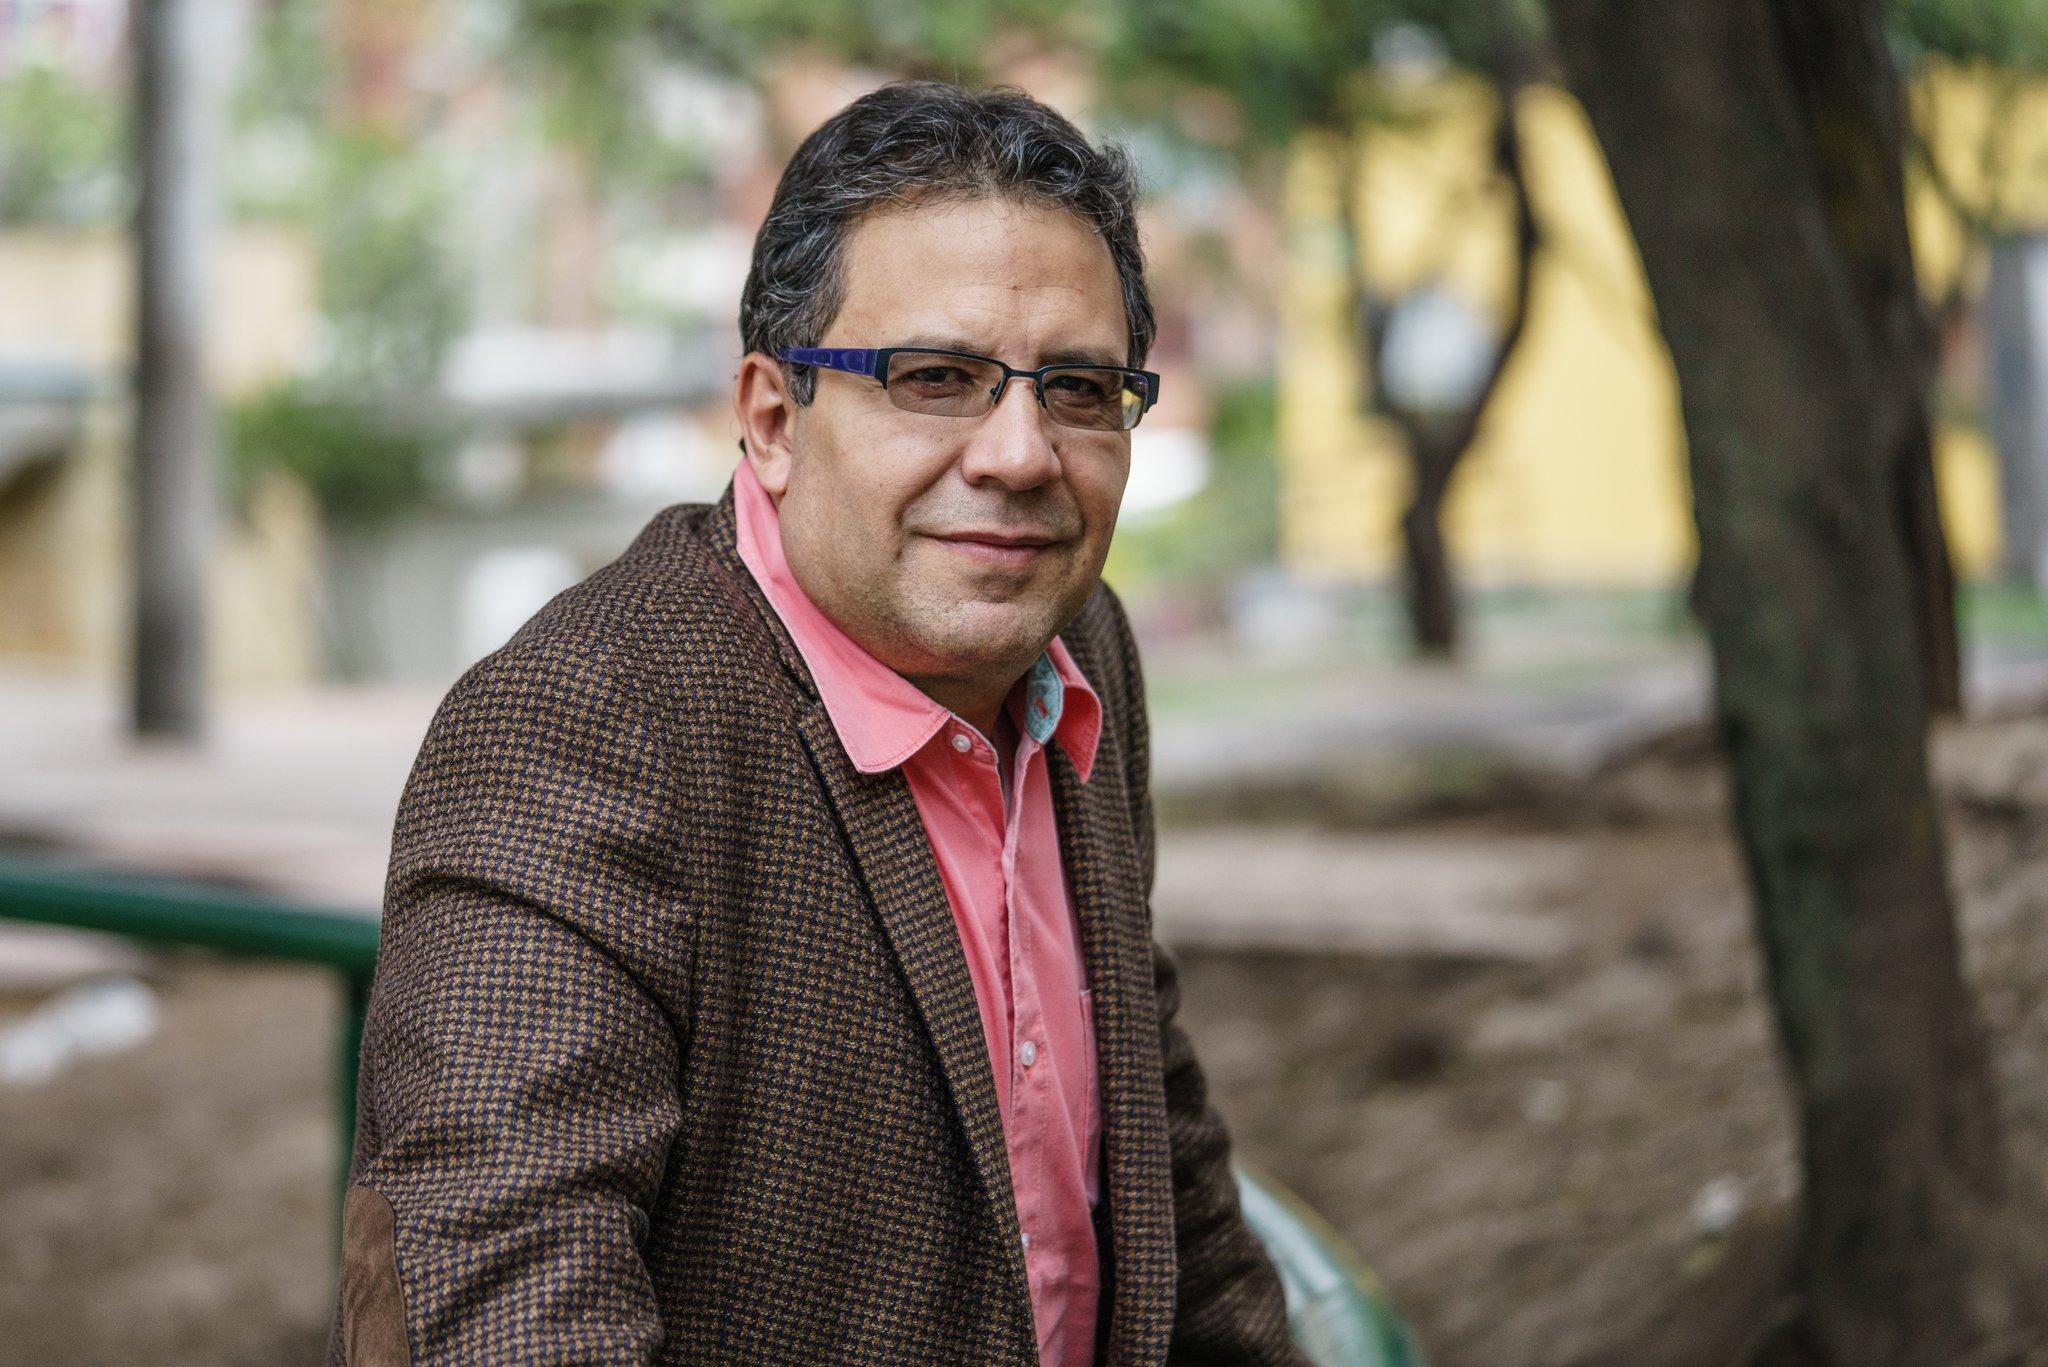 Alberto Salcedo Ramos, cronista y escritor colombiano que es uno de los jurados del True Story Award. – (Federico Rios Escobar para The New York Times)